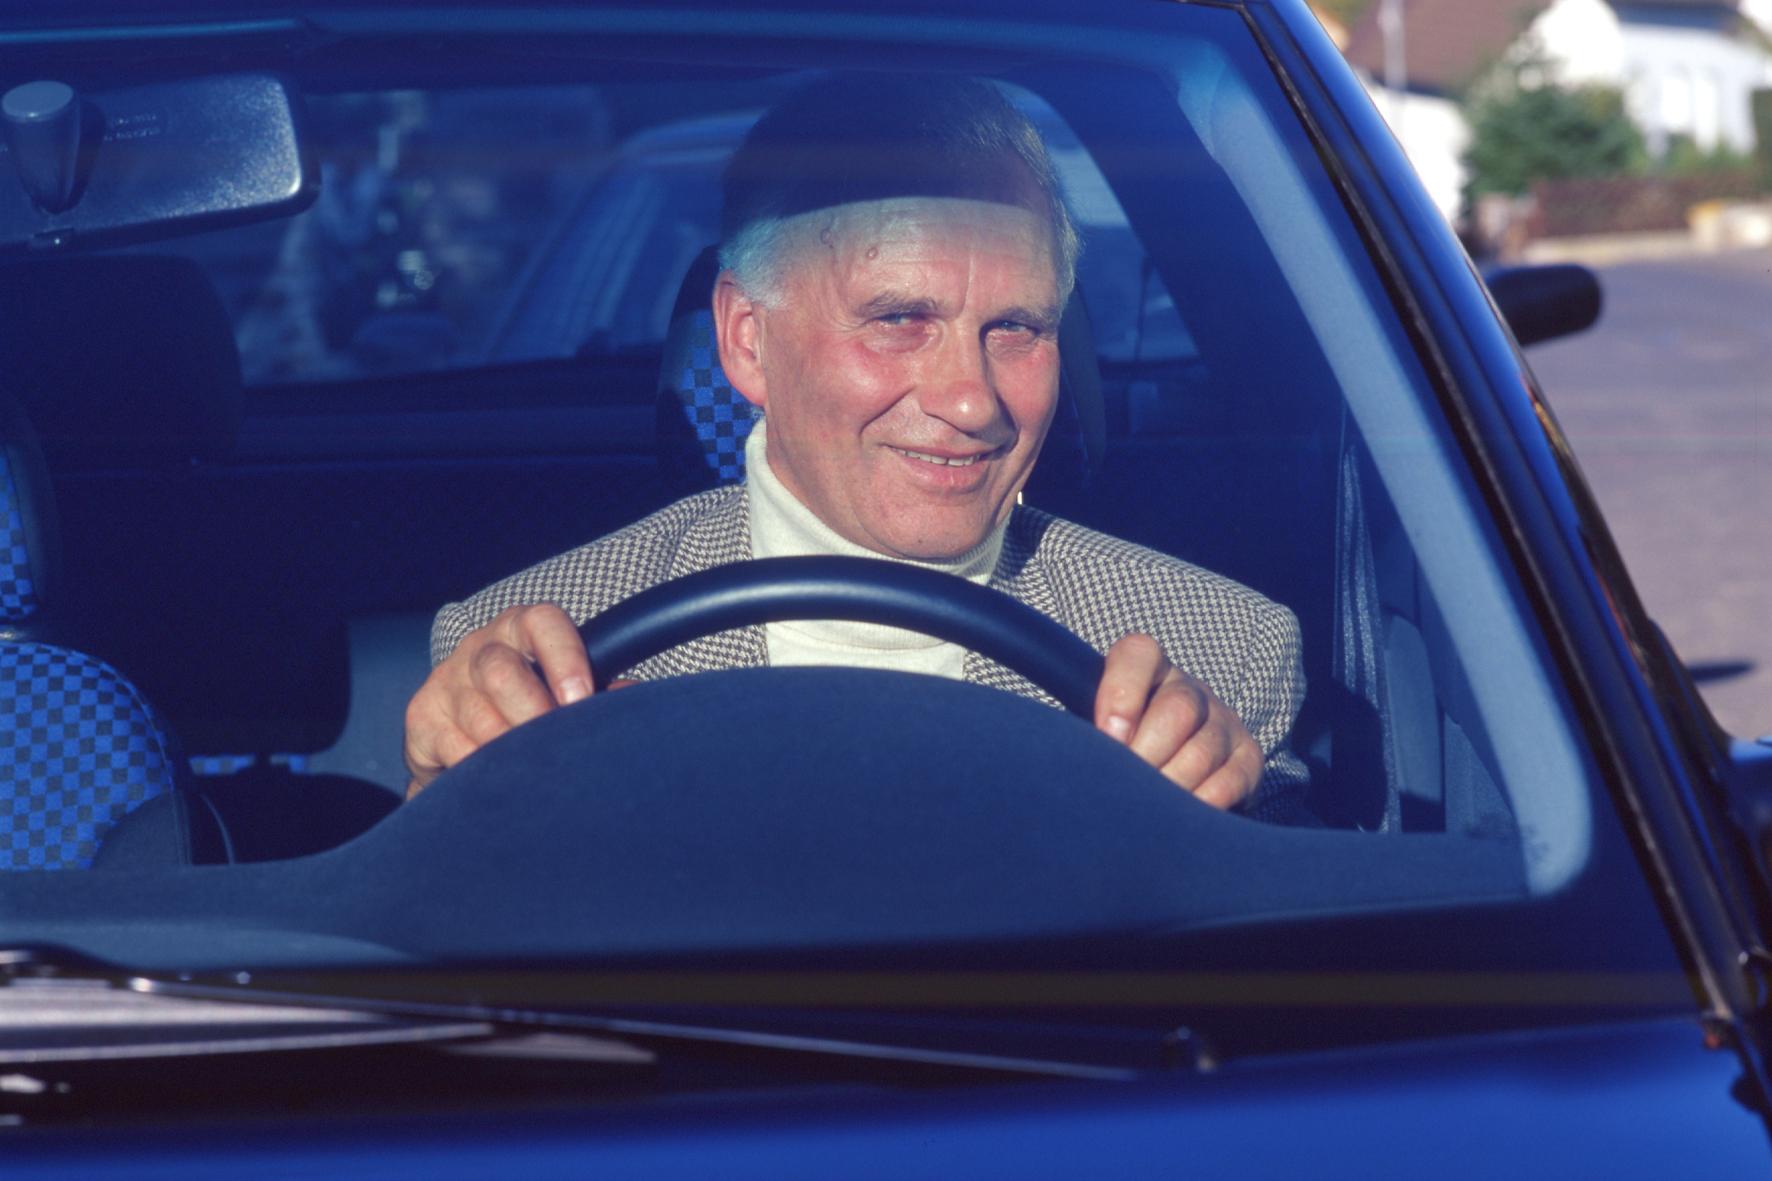 Rentner verwechselt Pedale im Auto - Führerschein weg